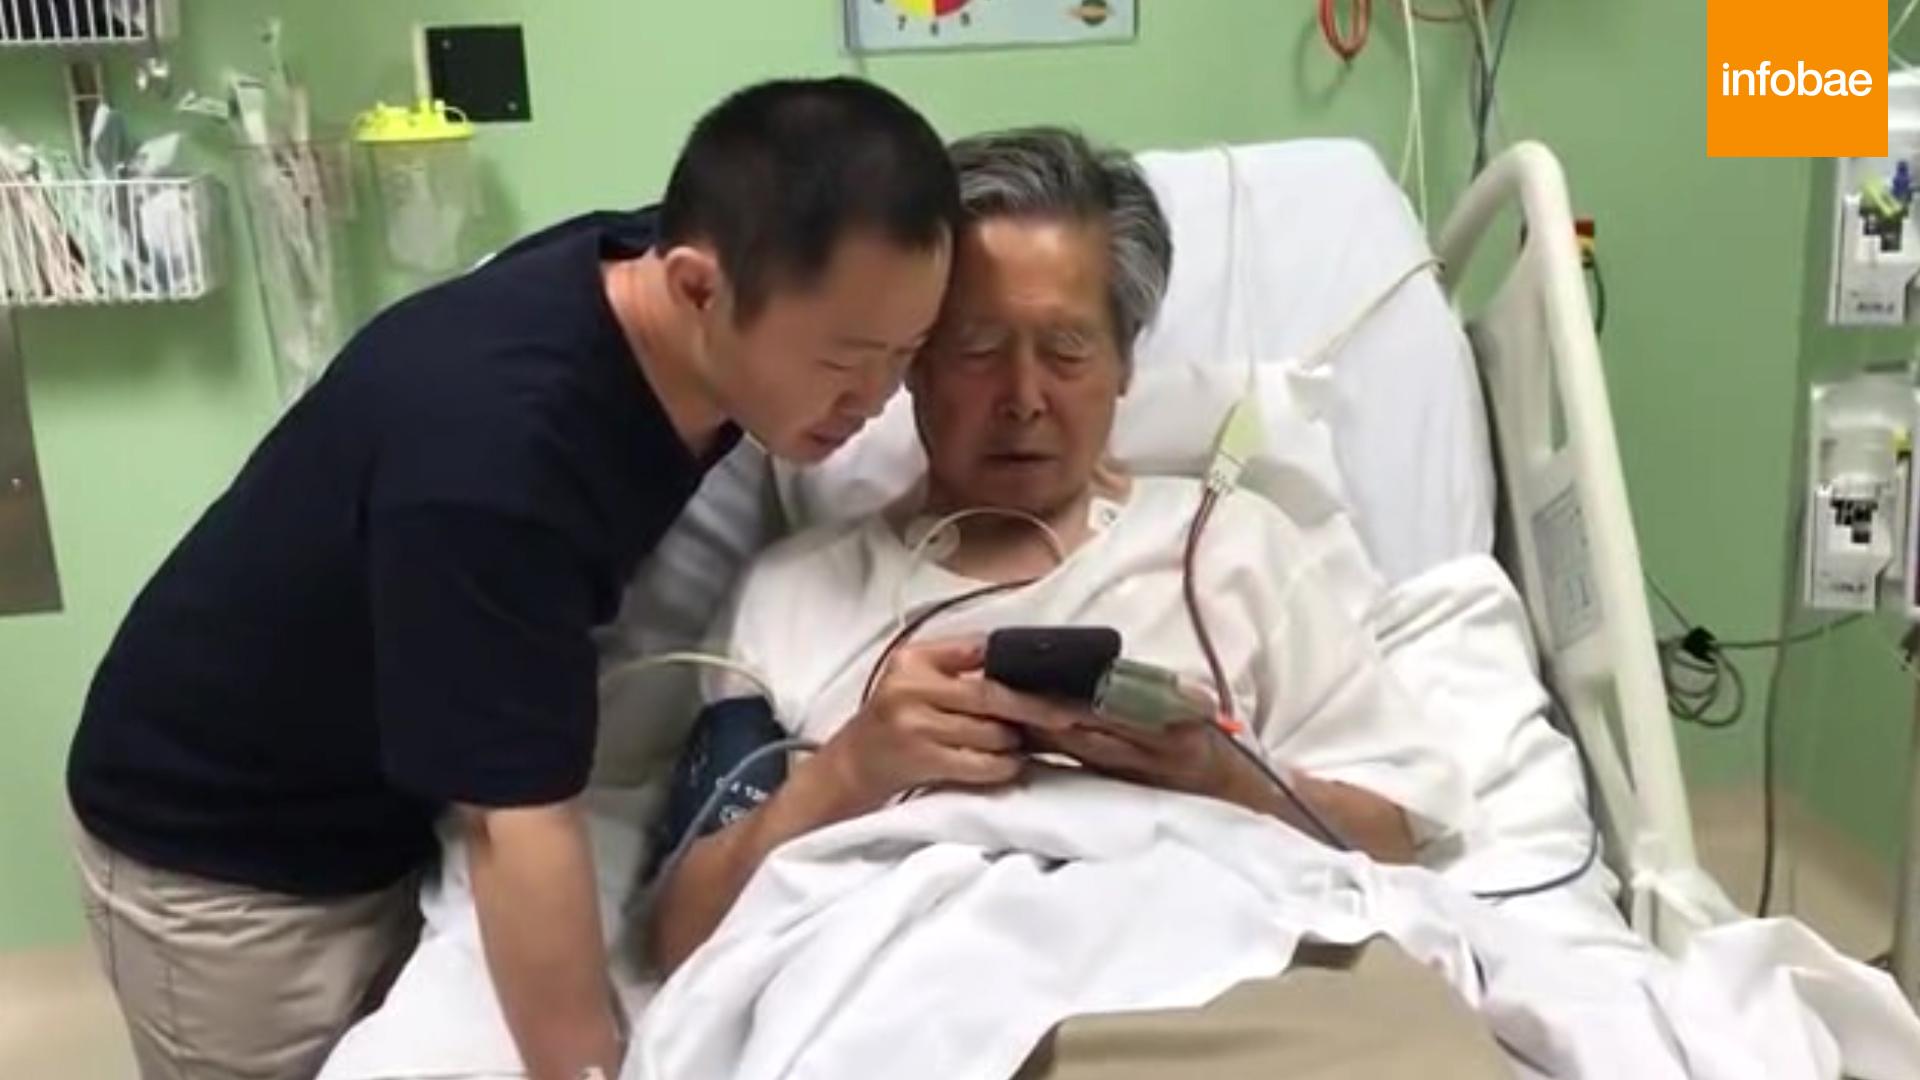 Alberto Fujimori con su hijo Kenji en la clínica en la que se encontraba internado tras ser indultado